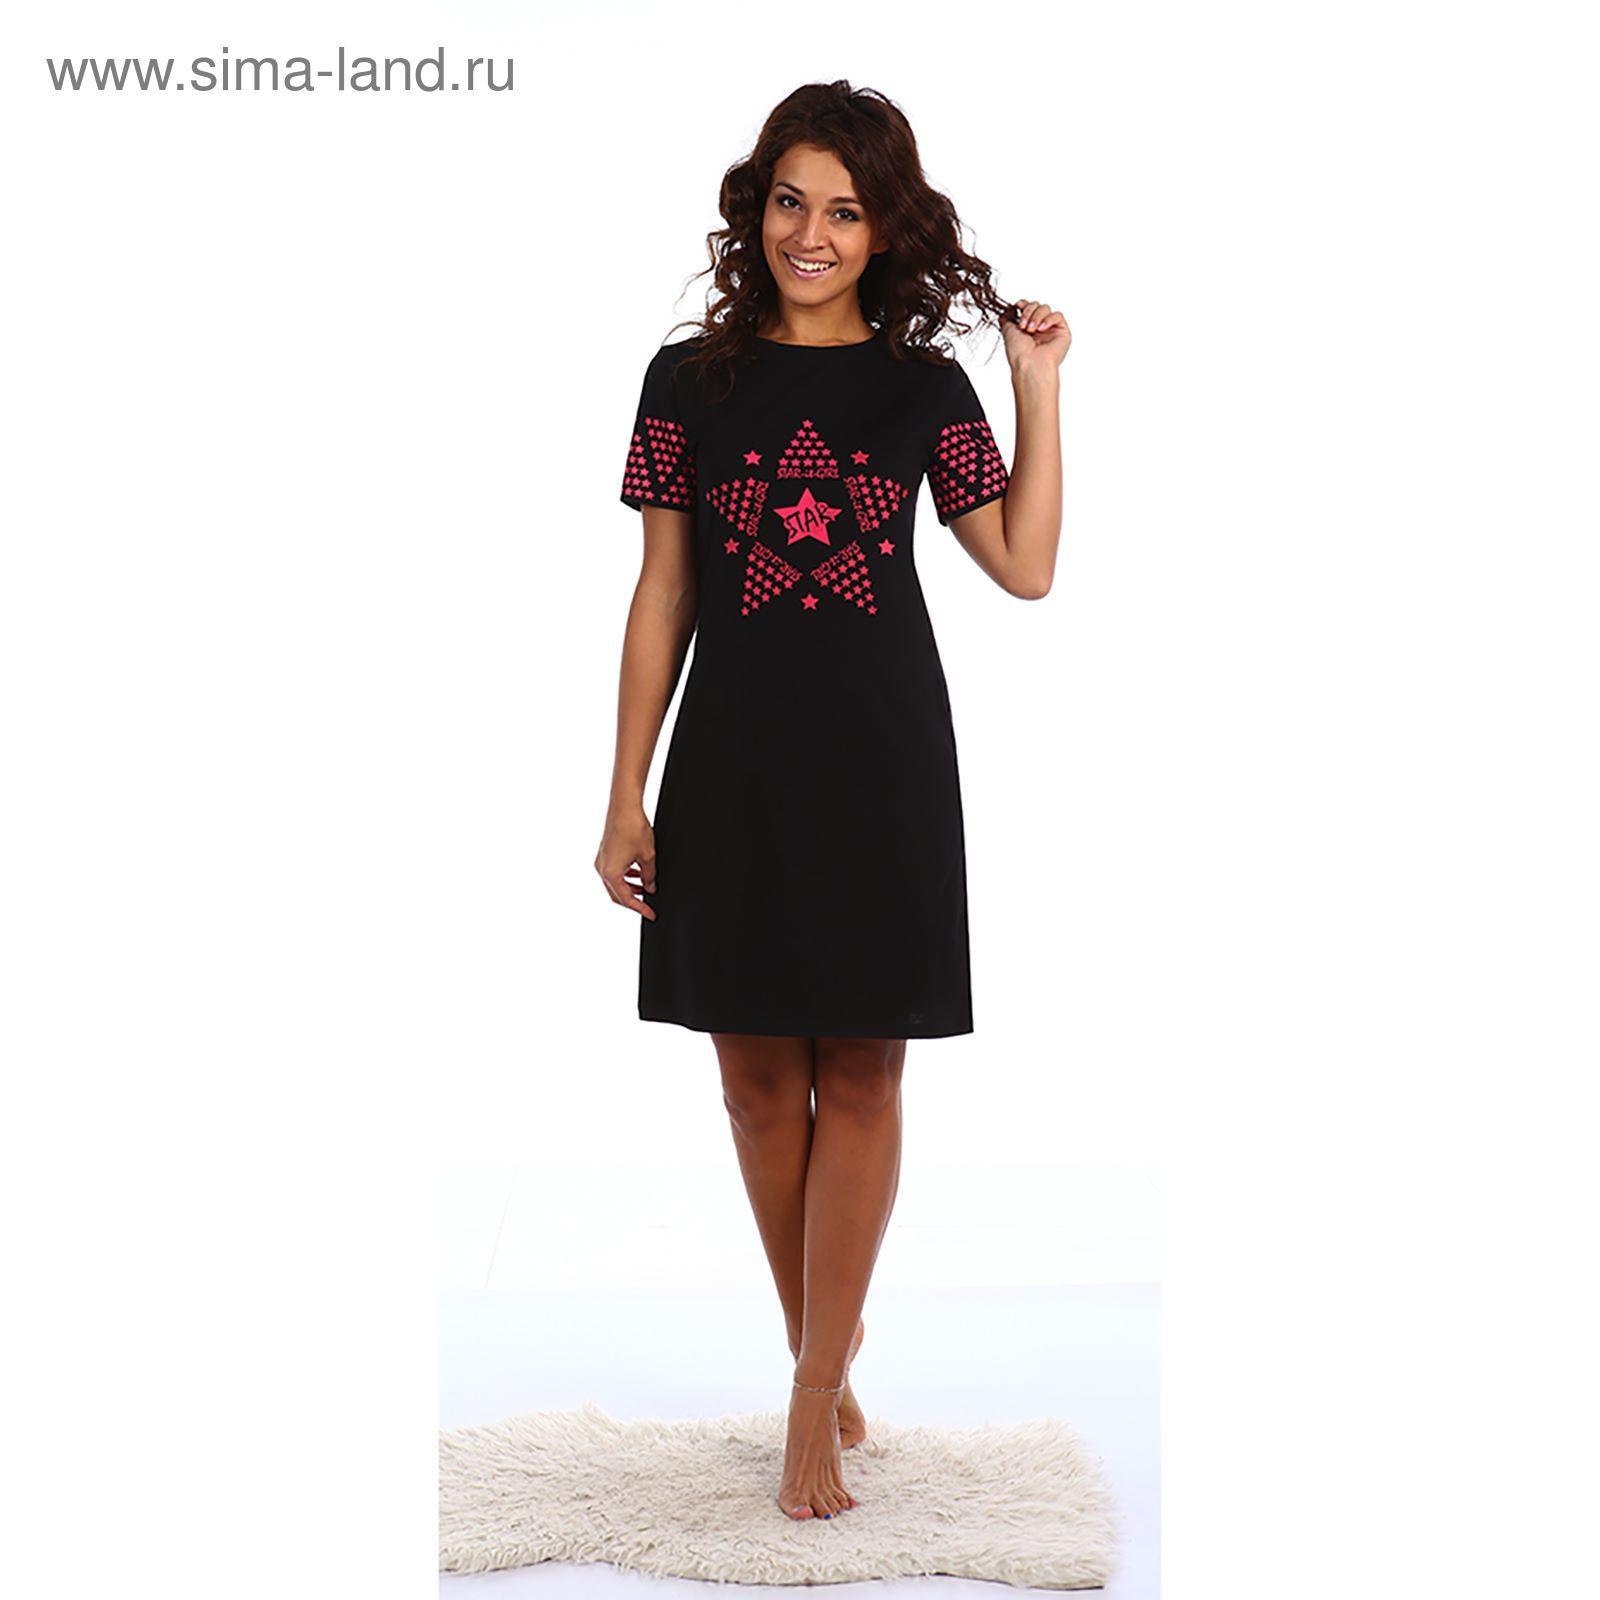 Платье женское Звезды-2 с коротким рукавом цвет чёрный, р-р 48 (2087 ... 715017db34e